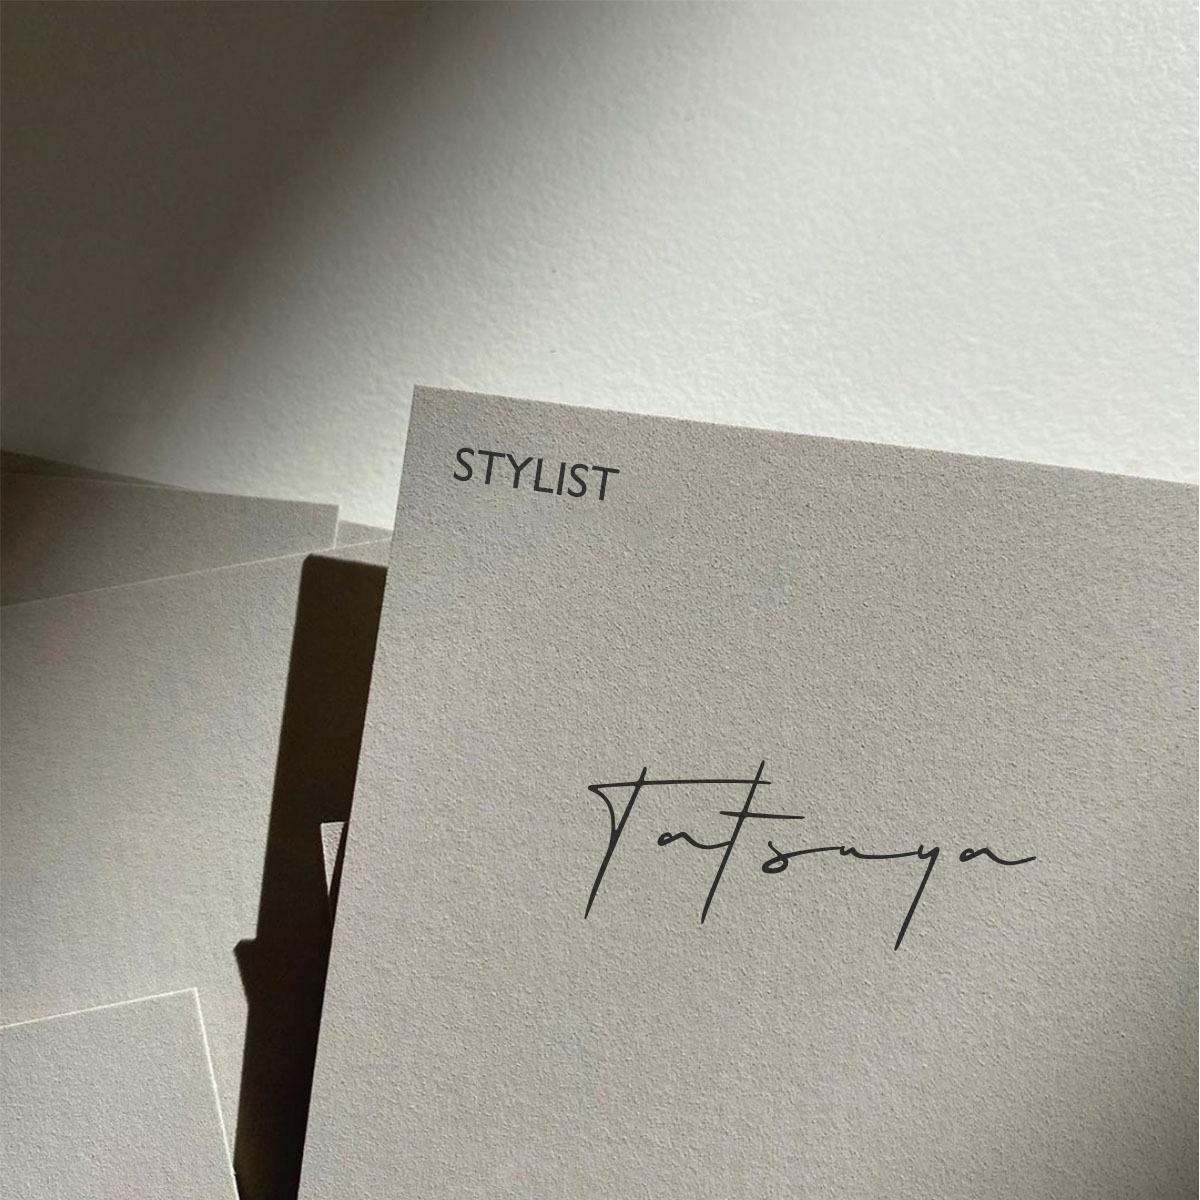 シンプルなのに印象に残るお洒落な名刺を作成します シンプルで美しい名刺をデザインします